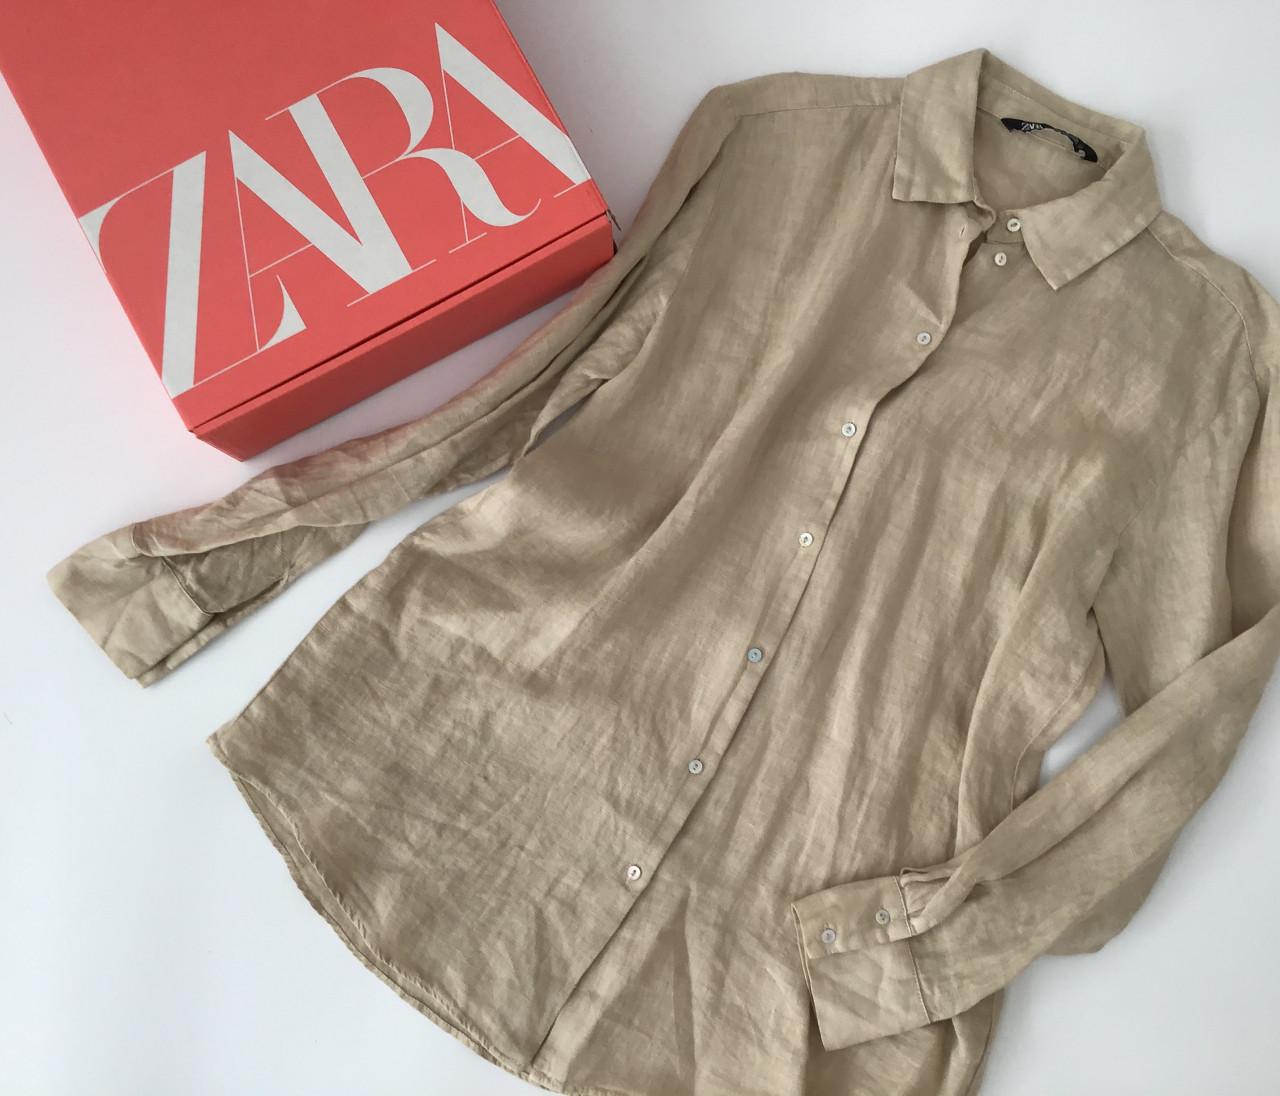 【ZARA(ザラ)】高見えリネンシャツをアラサー的に着回し!【身長150cmエディターchiakiの30代おしゃれTIPS】